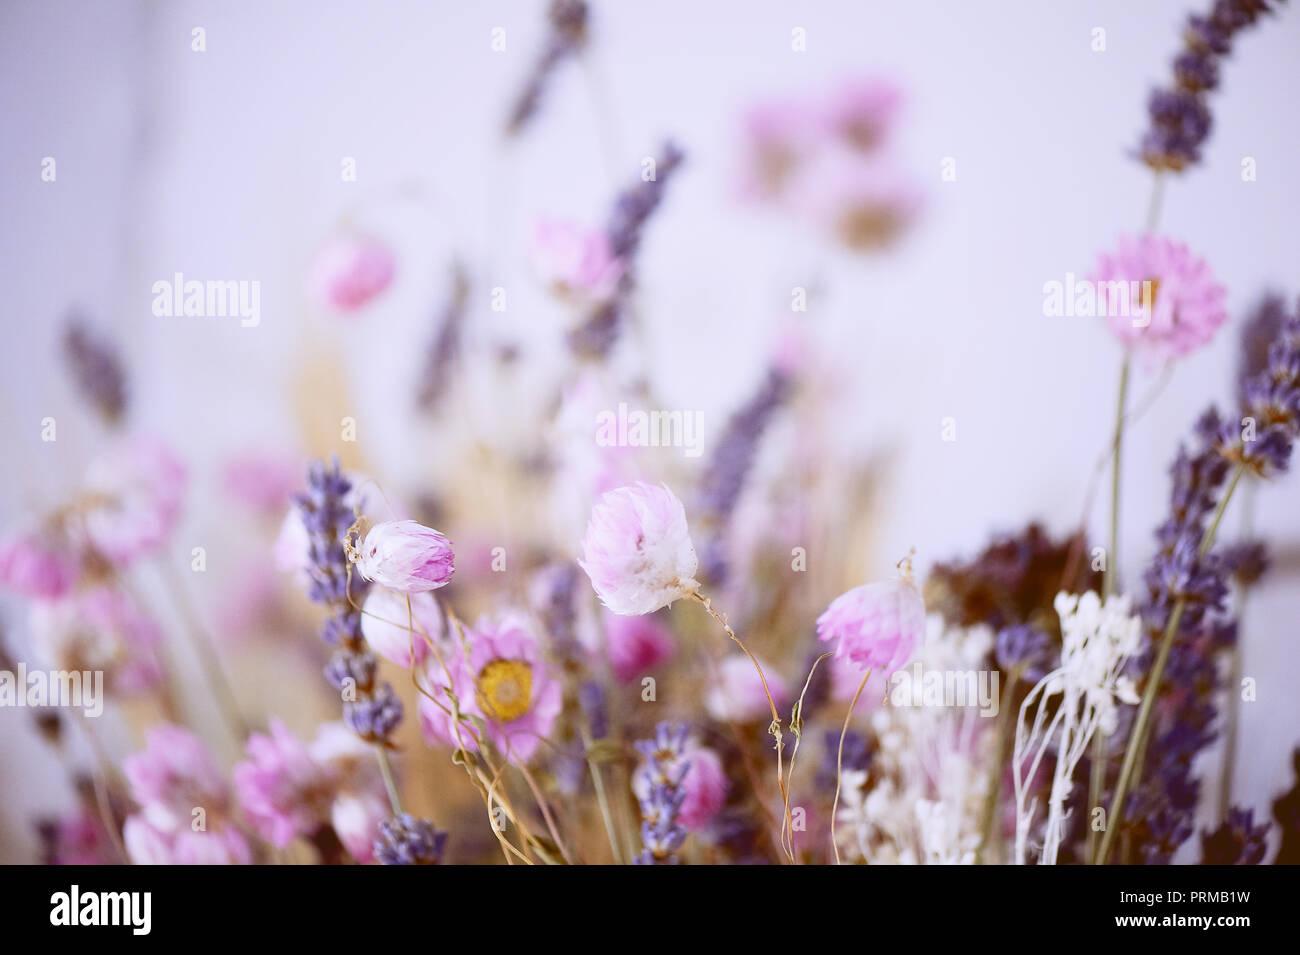 Pastellfarben Textur. Kleine rosa und lila Blüten. Abstraktion. Die getrockneten Blumen Stockbild